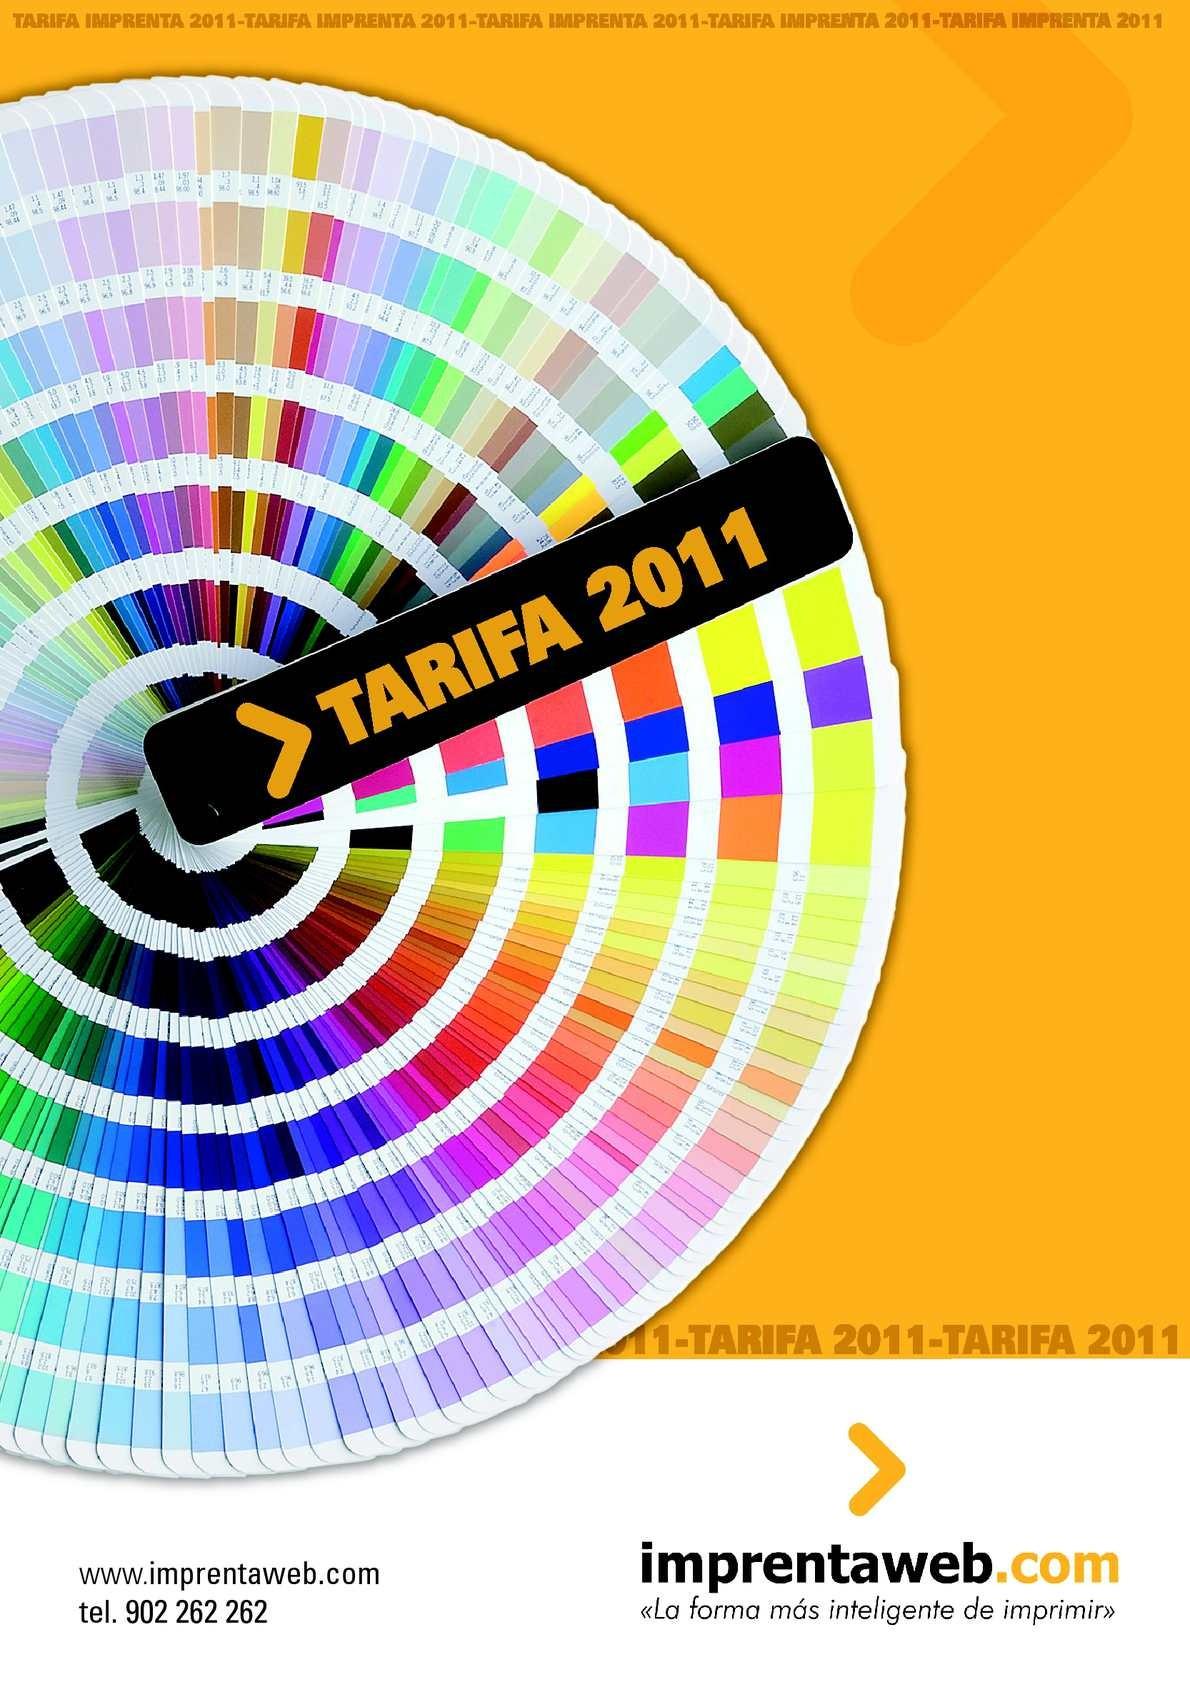 Calendarios Mayo 2019 Para Imprimir Bonitos Más Reciente Calaméo Tarifas Impresi³n Imprentaweb